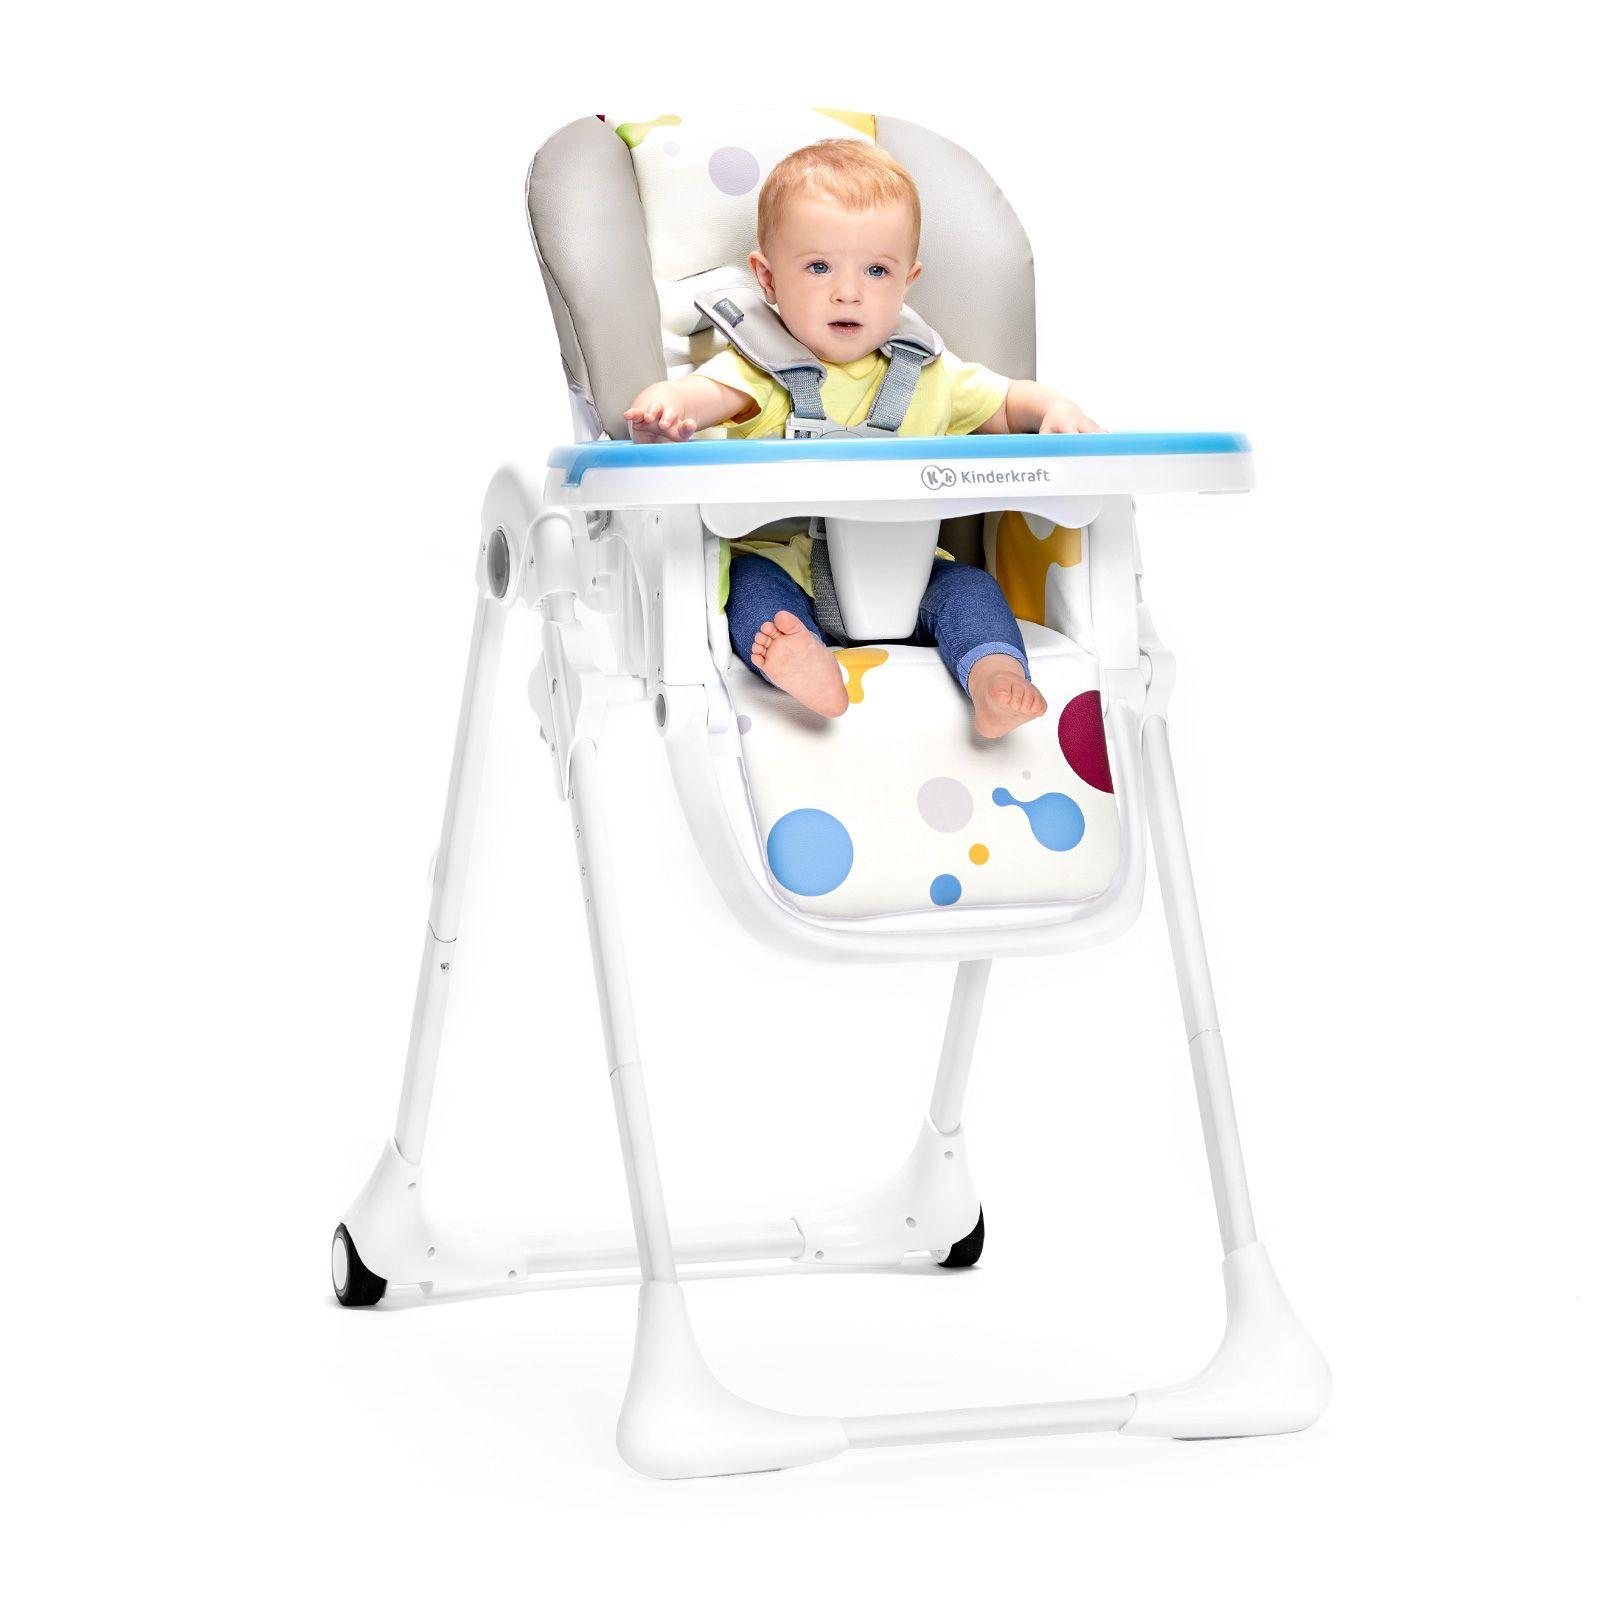 Praktyczne i wygodne krzesełko